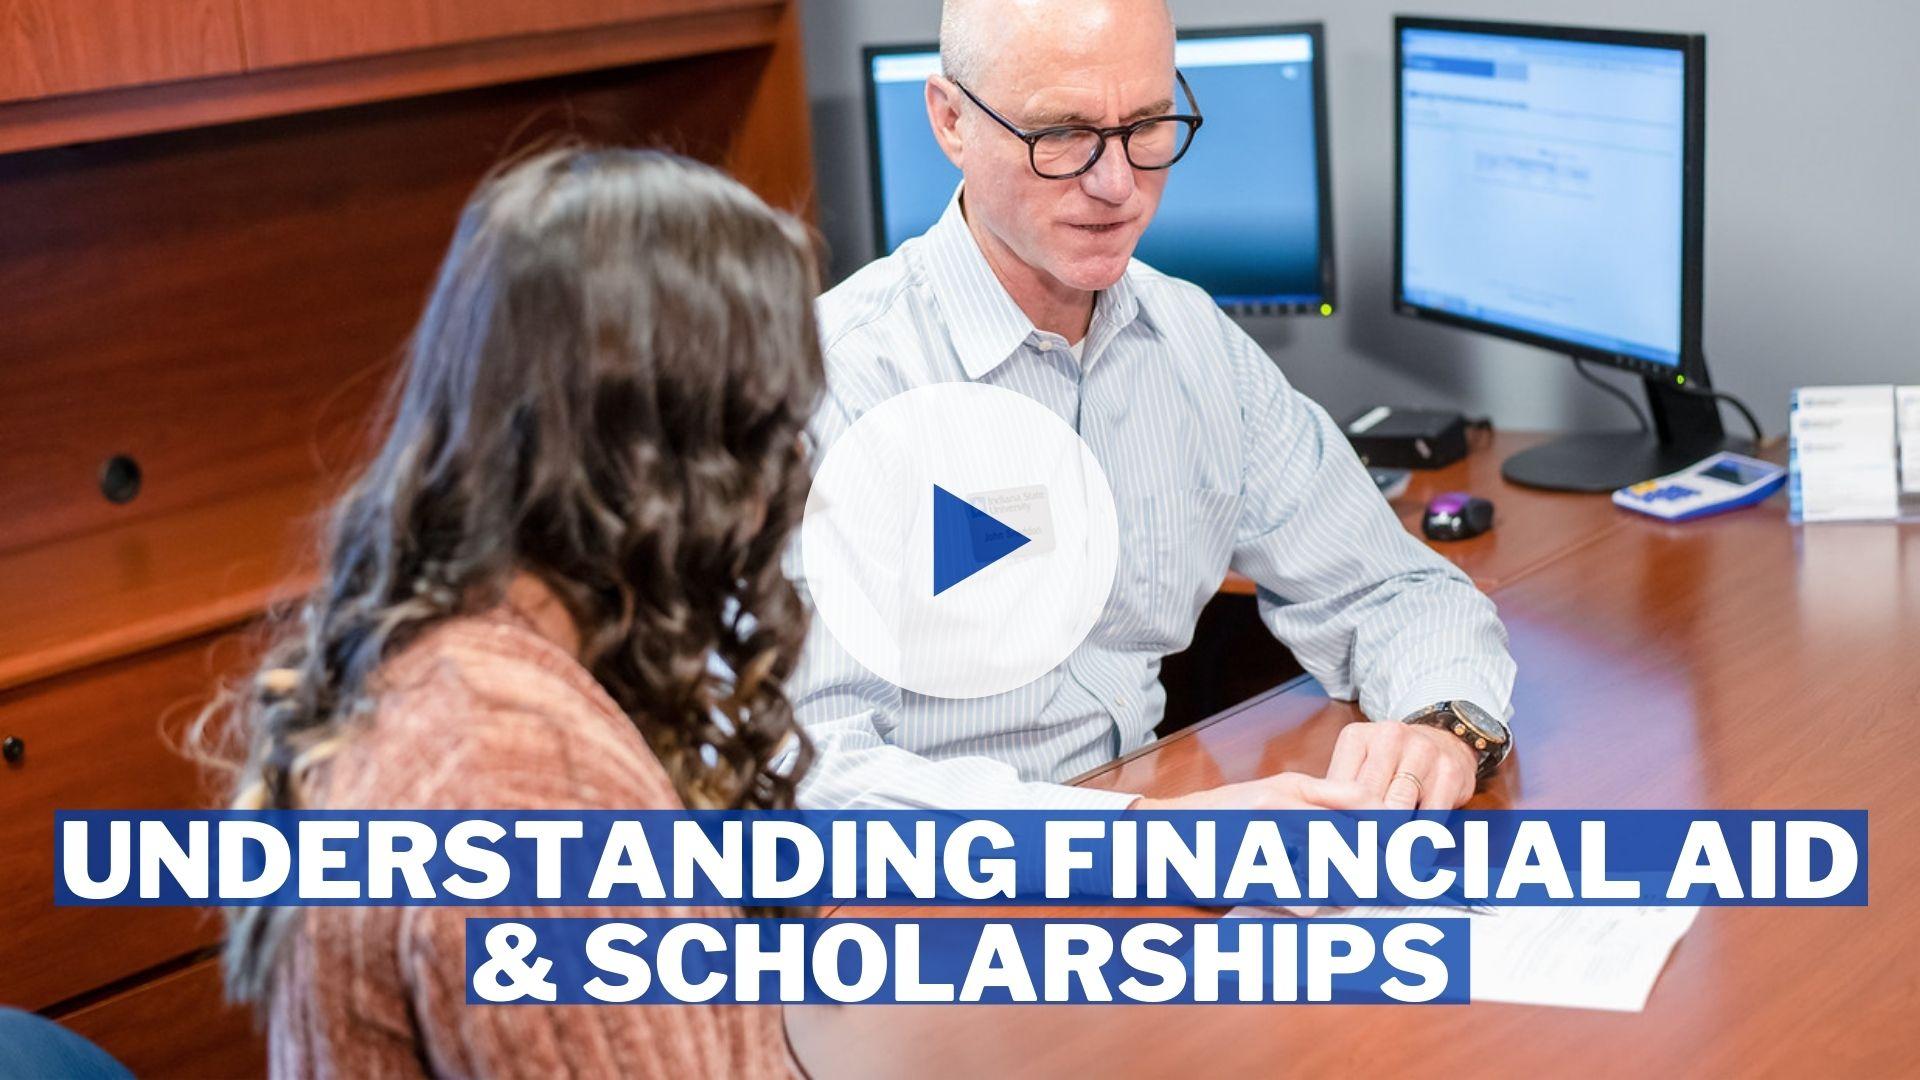 Understanding Financial Aid & Scholarships